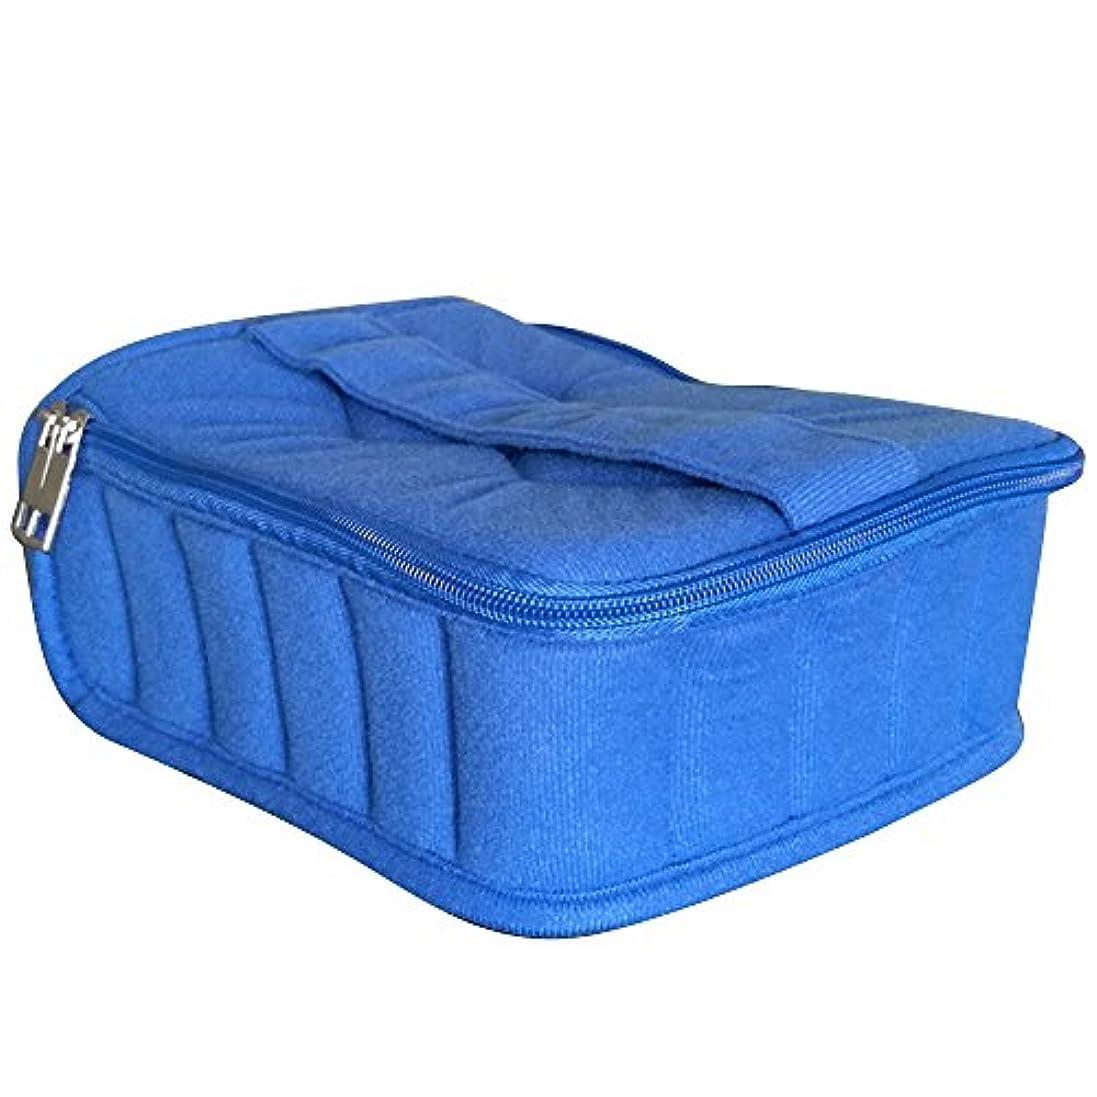 確かめる整然とした噛むゴシレ Gosear 30 格子 ポータブル ショック抵抗力 本質 ストレージ 旅行 運ぶ ケース ホルダー バッグ ため 5 ml 10 ml 15 ml ボトル 青色